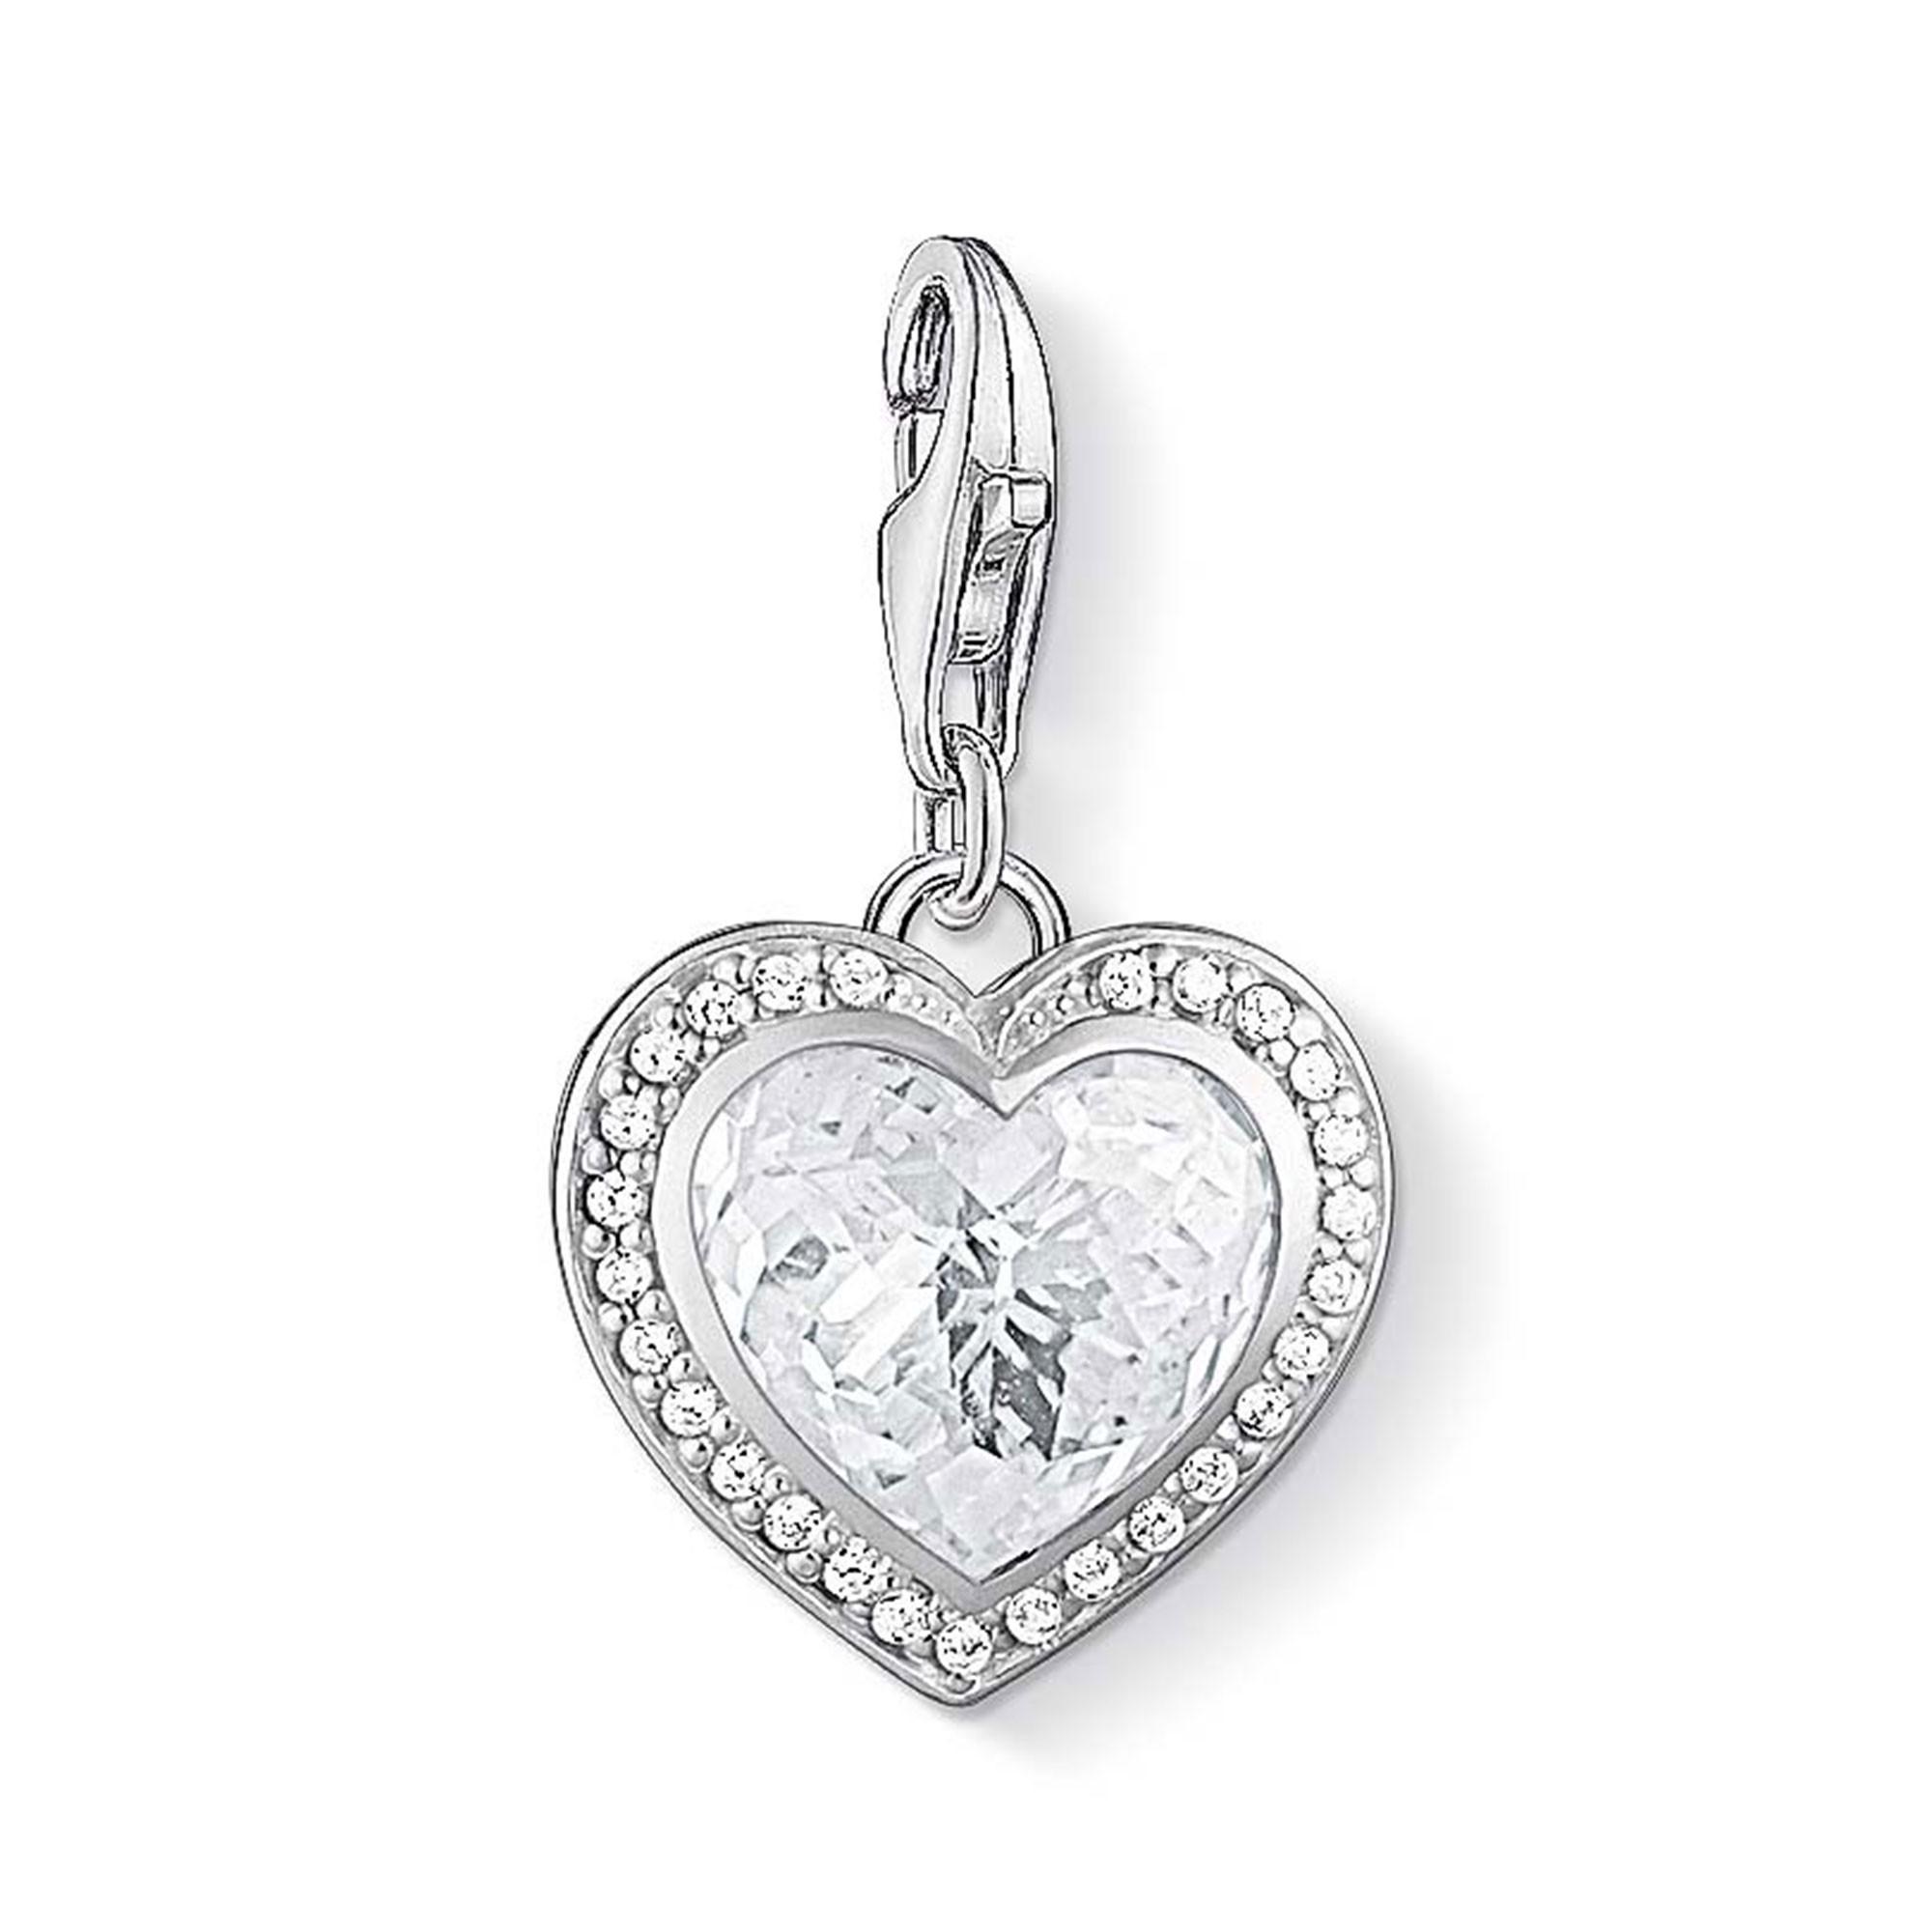 Thomas Sabo Charm Club White Heart Cubic Zirconia Charm